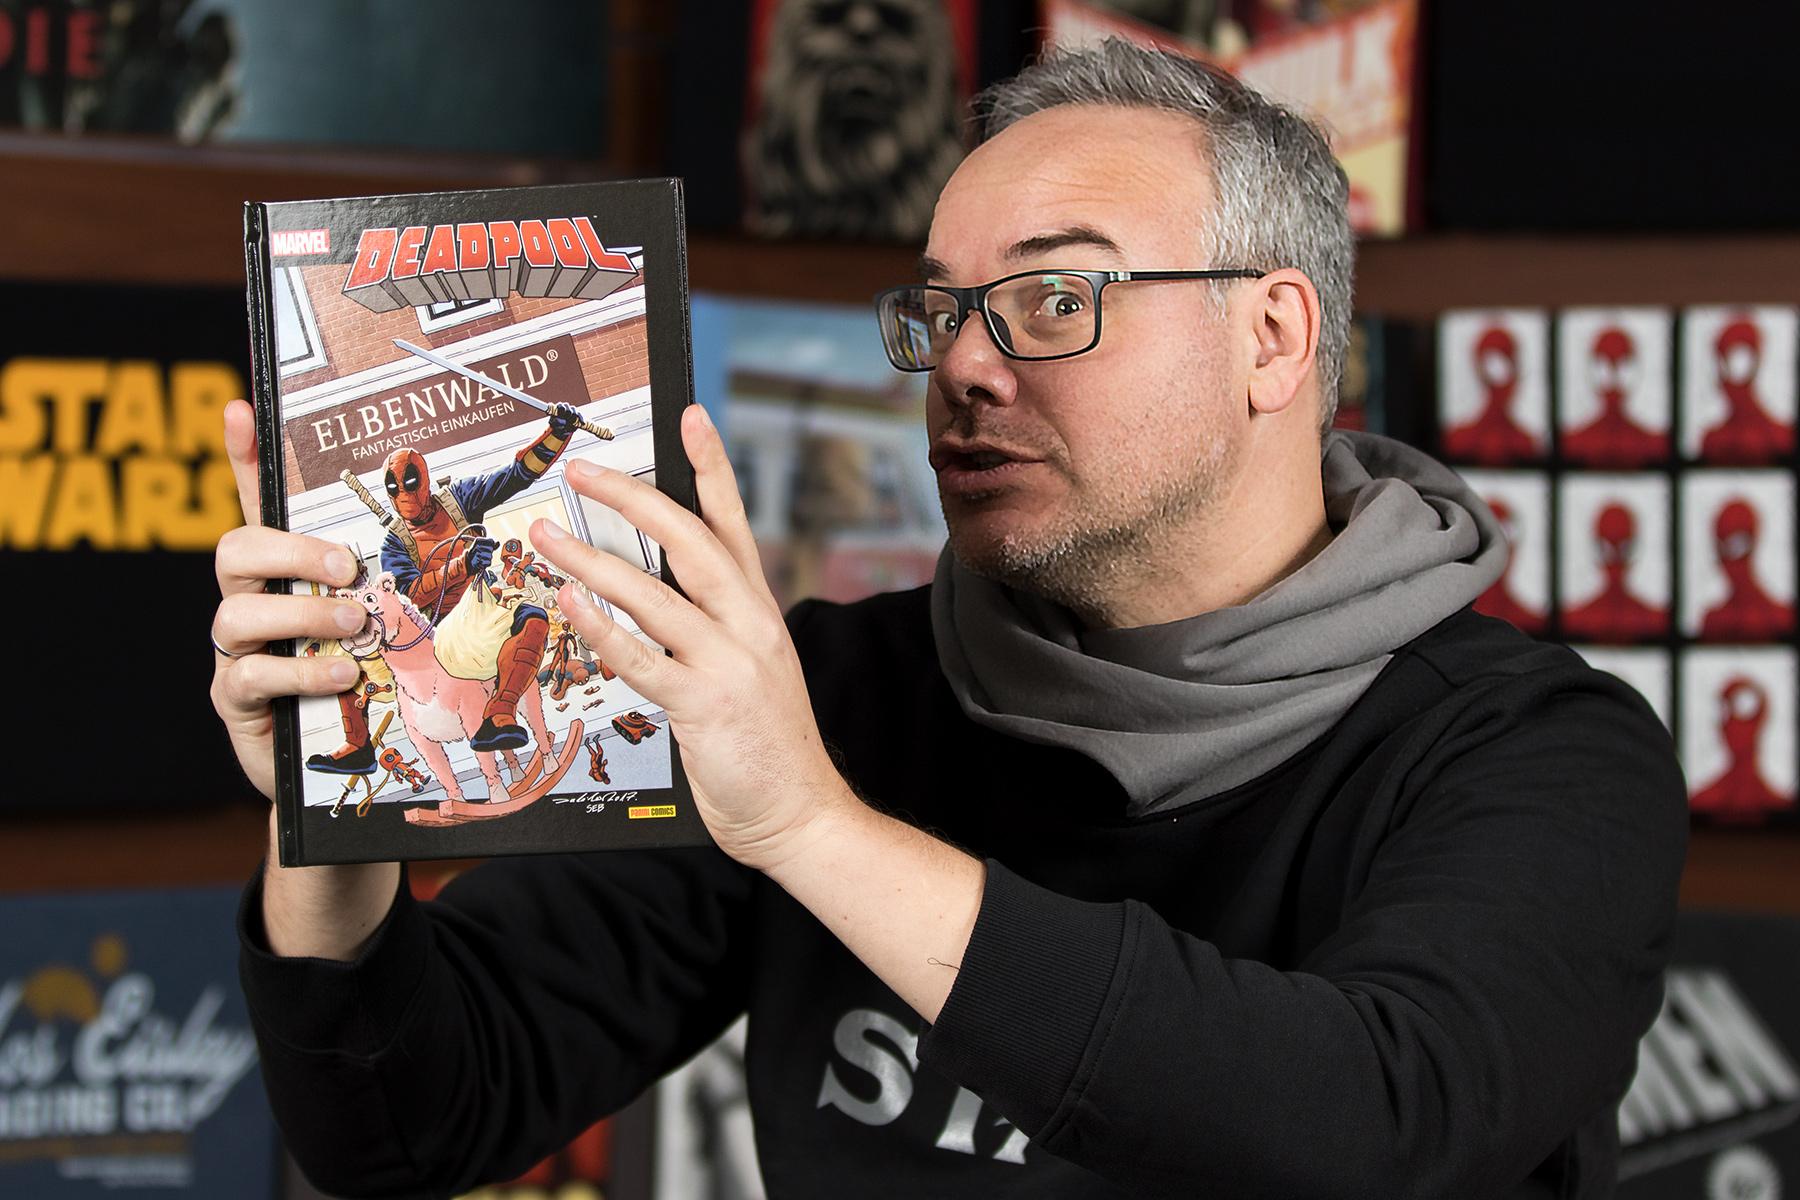 Jens Geschenketipp: Deadpool XXL - Elbenwald Edition